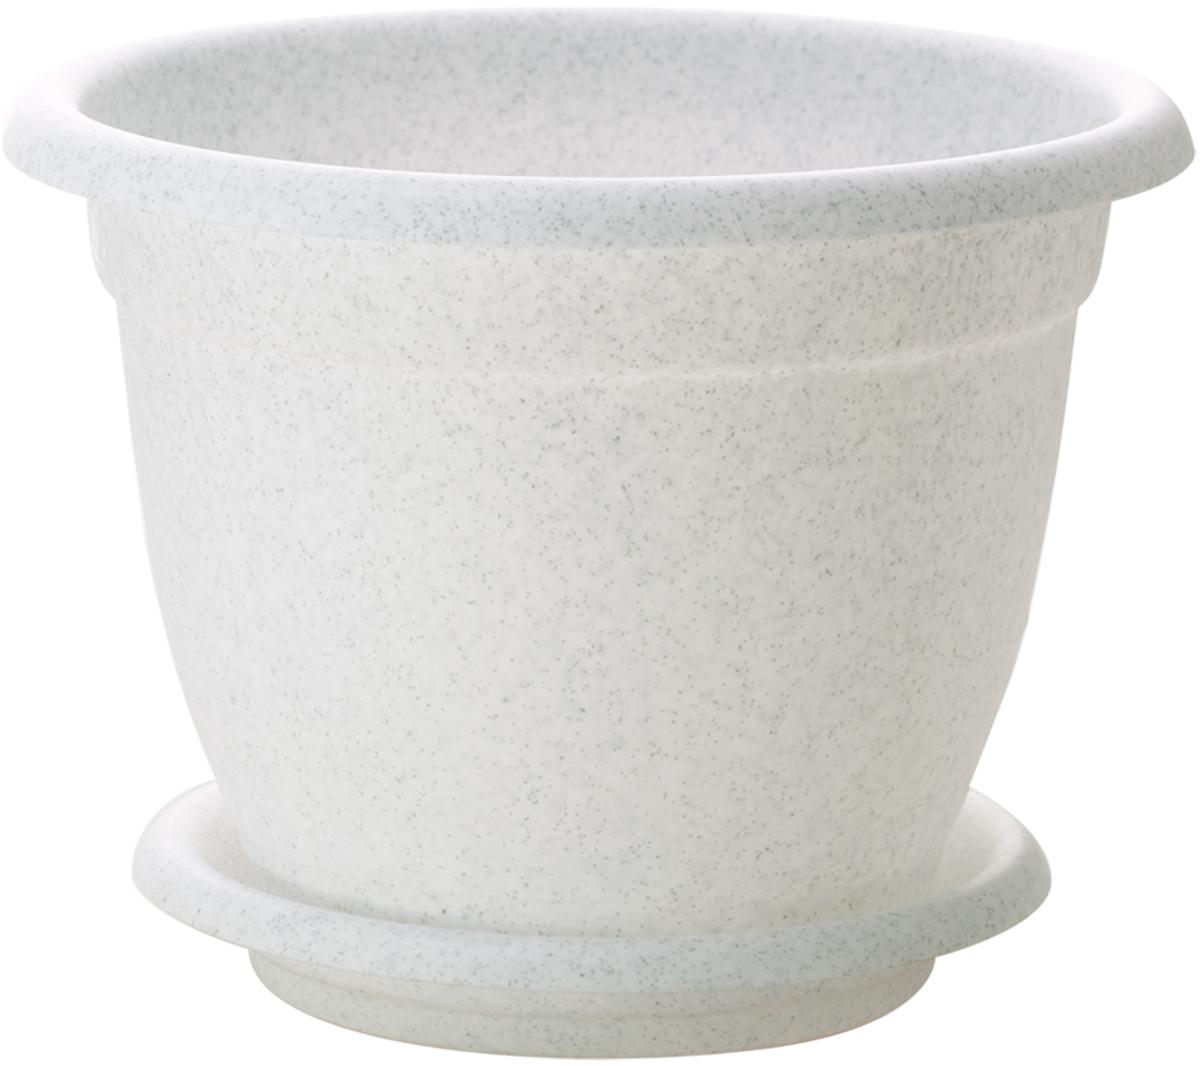 Горшок для цветов InGreen Борнео, с поддоном, цвет: мраморный, диаметр 17 смING42017FМРГоршок InGreen Борнео, выполненный из высококачественного полипропилена, имеет дренажные отверстия, что способствует выведению лишней влаги из почвы и предотвращает гниение корневой системы растения. К горшку прилагается круглый поддон. Он прочно фиксируется к изделию, благодаря специальной крепежной системе, обеспечивая удобство эксплуатации. Между стенкой горшка и поддоном есть зазор, который позволяет испаряться лишней влаге и дает возможность прикорневого полива растения. Предназначен для выращивания цветов, растений и трав. Такой горшок порадует вас современным дизайном и функциональностью, а также оригинально украсит интерьер помещения. Диаметр горшка: 17 см. Высота горшка: 13,5 см. Диаметр поддона: 13 см.